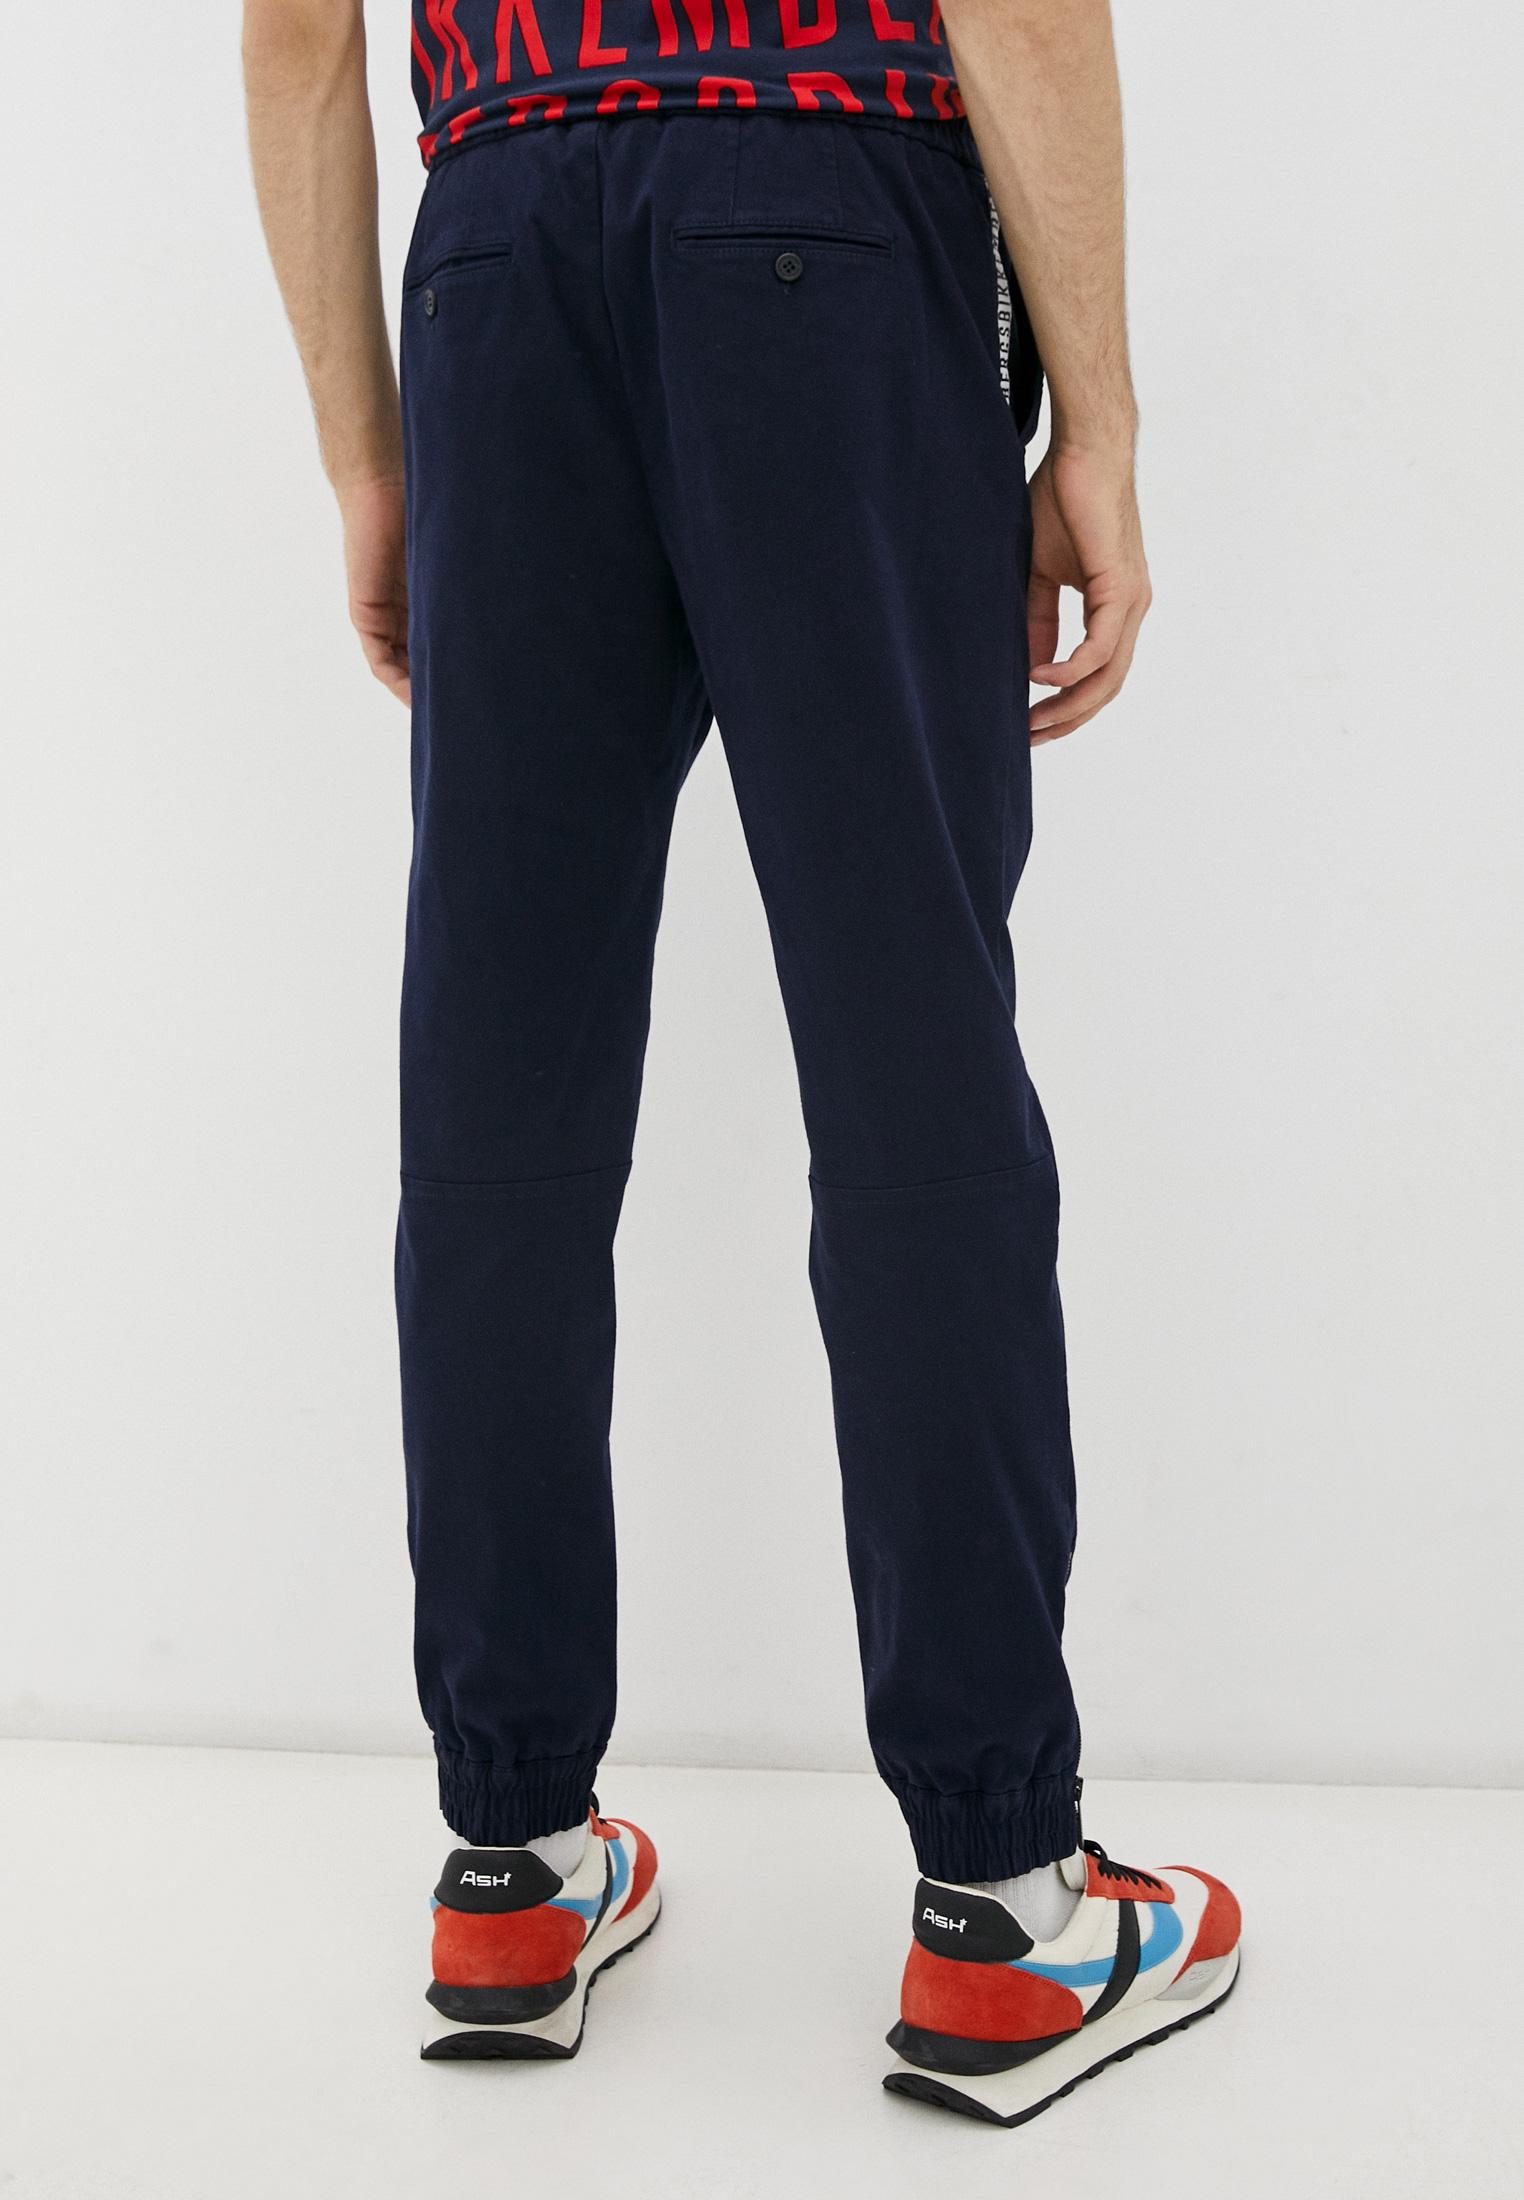 Мужские повседневные брюки Bikkembergs (Биккембергс) C P 039 00 S 3330: изображение 9